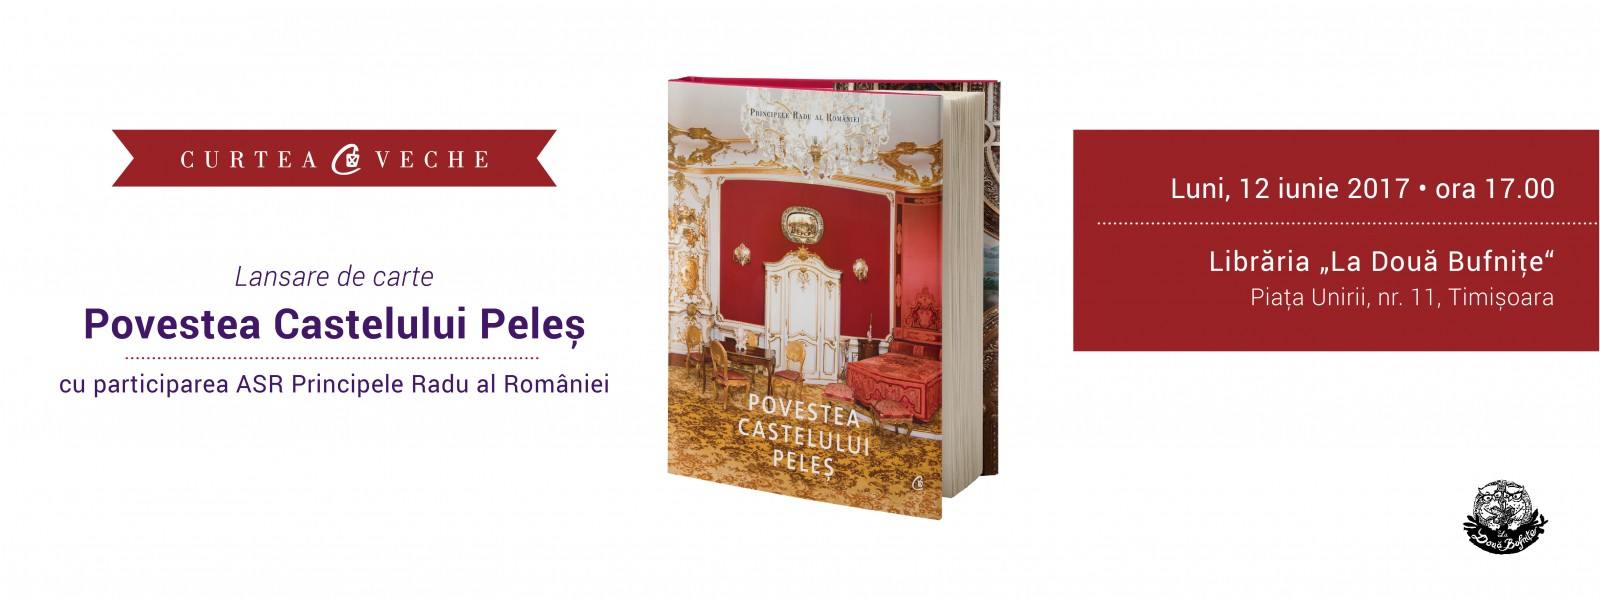 """ASR Principele Radu al României lansează pe 12 iunie la Timișoara  """"Povestea Castelului Peleş"""""""